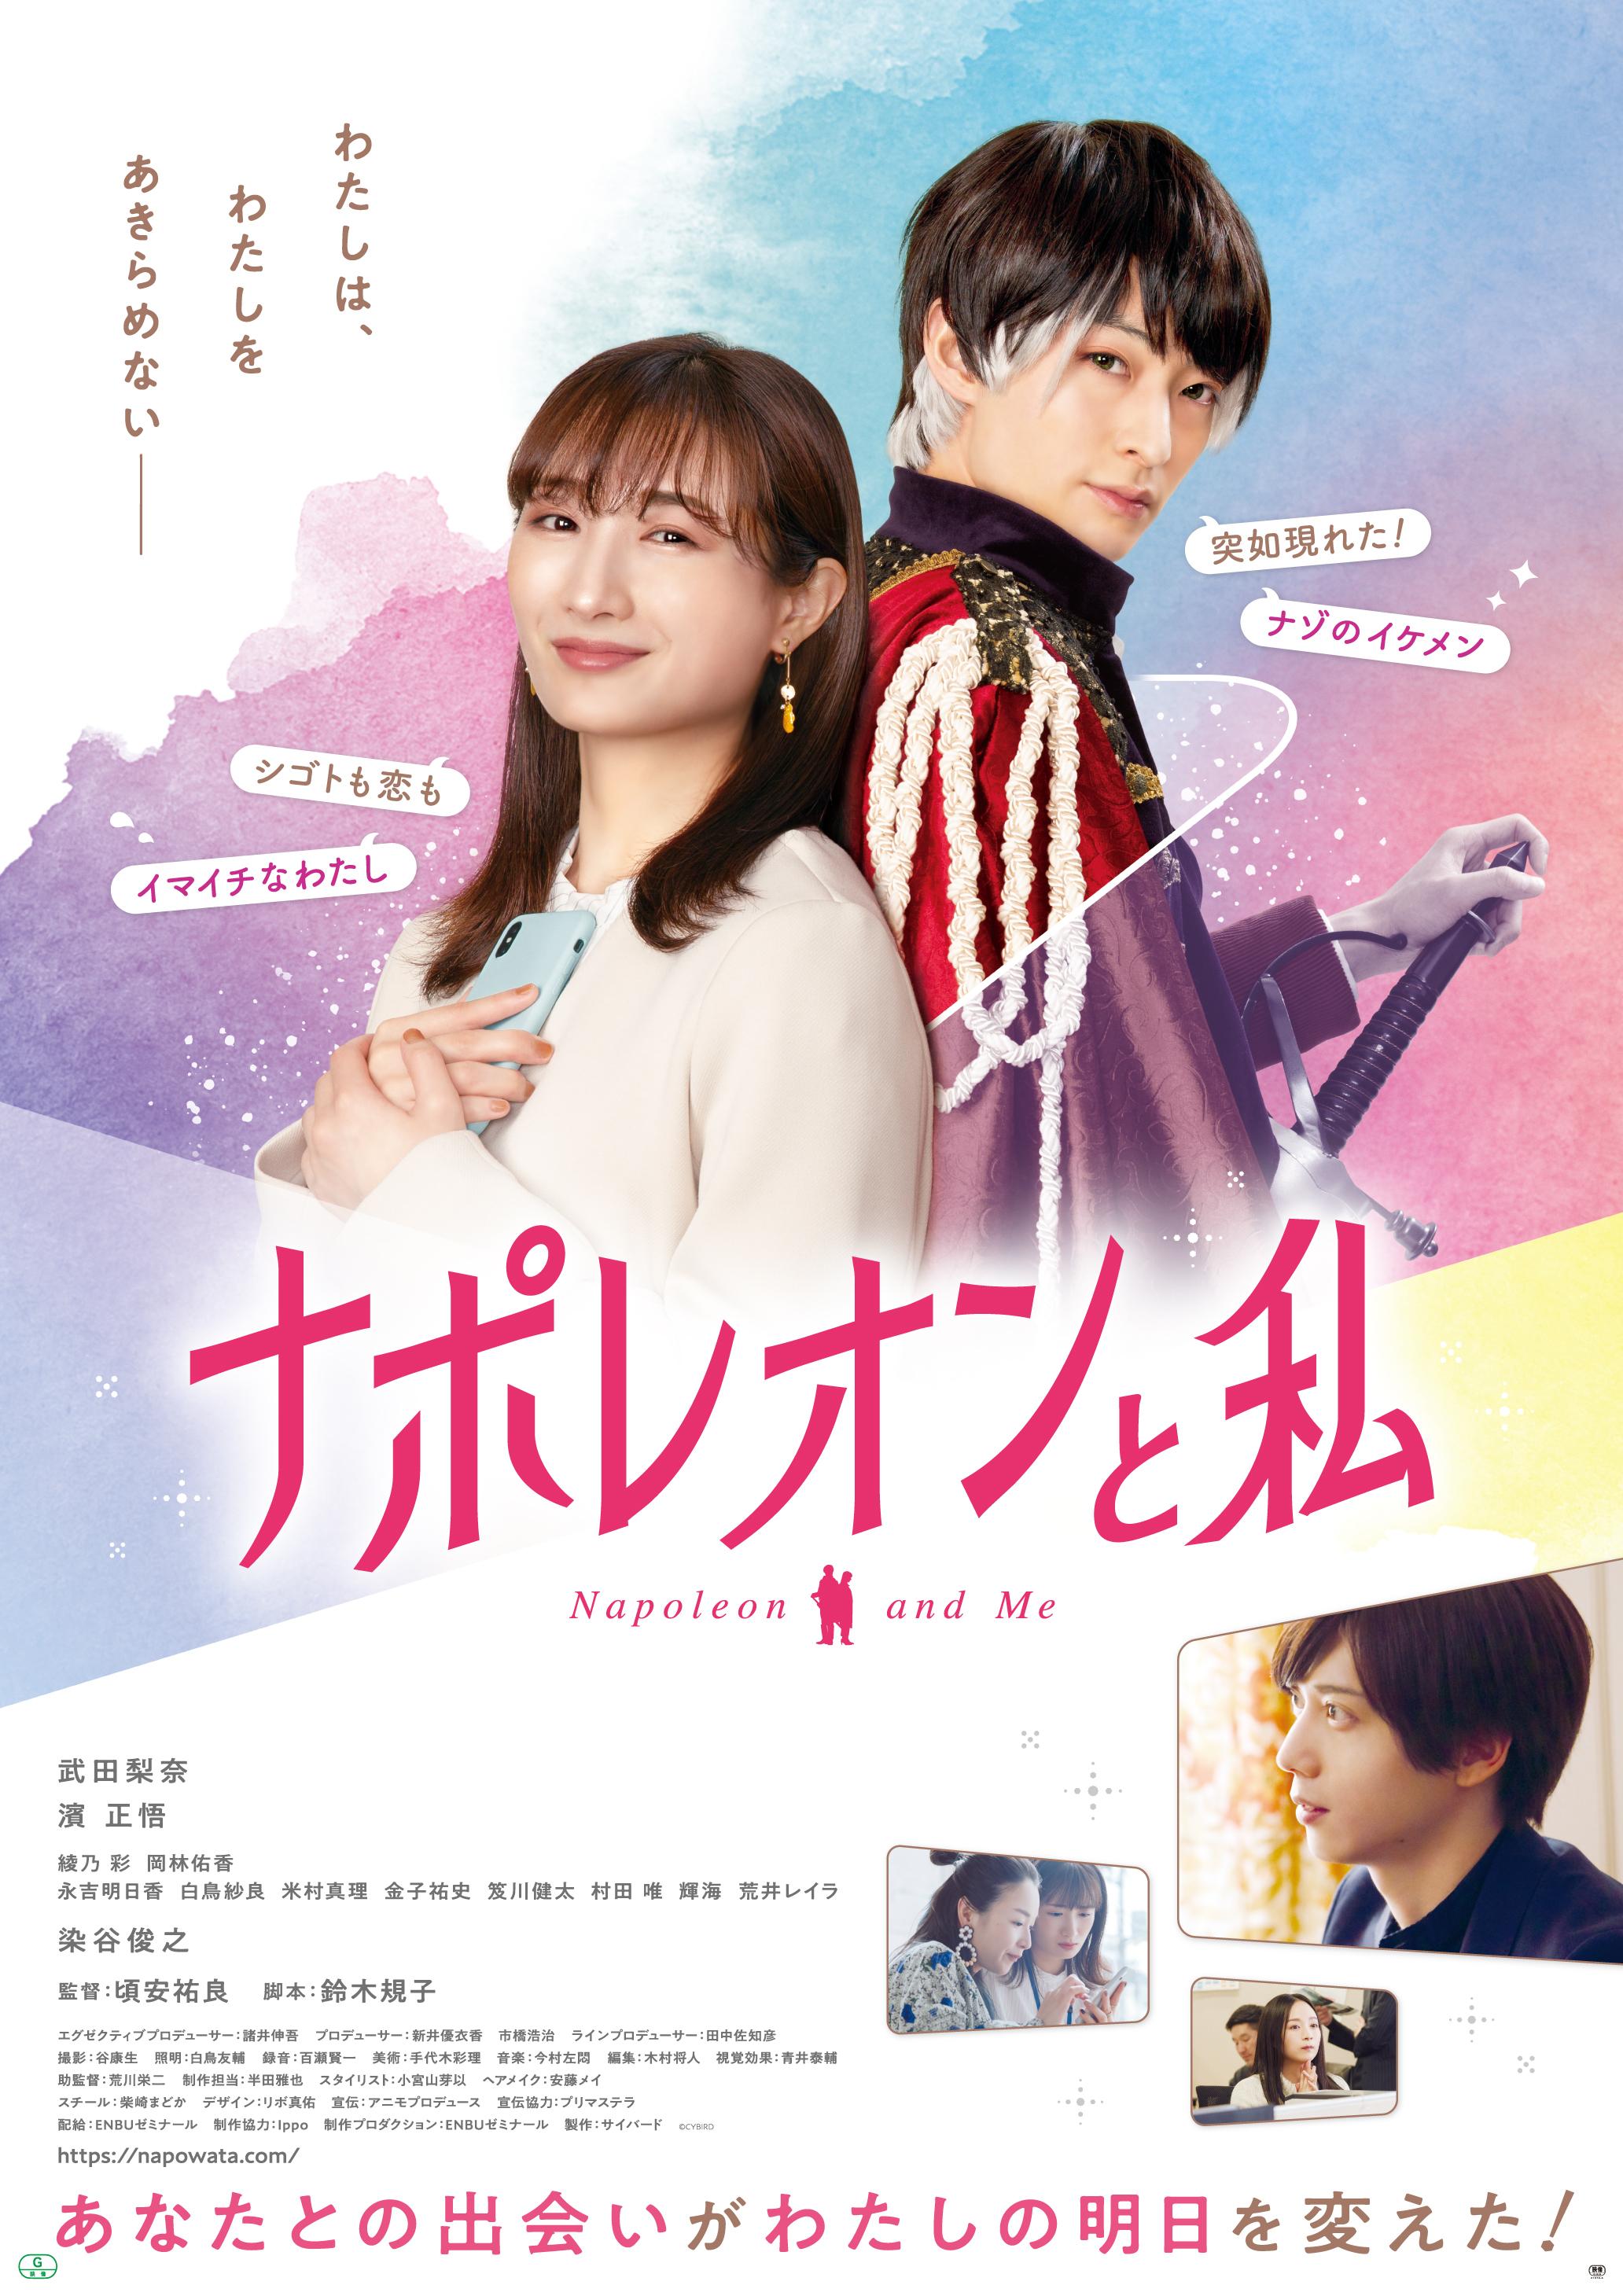 『ナポレオンと私』7月2日(金)公開決定&キービジュアル解禁!